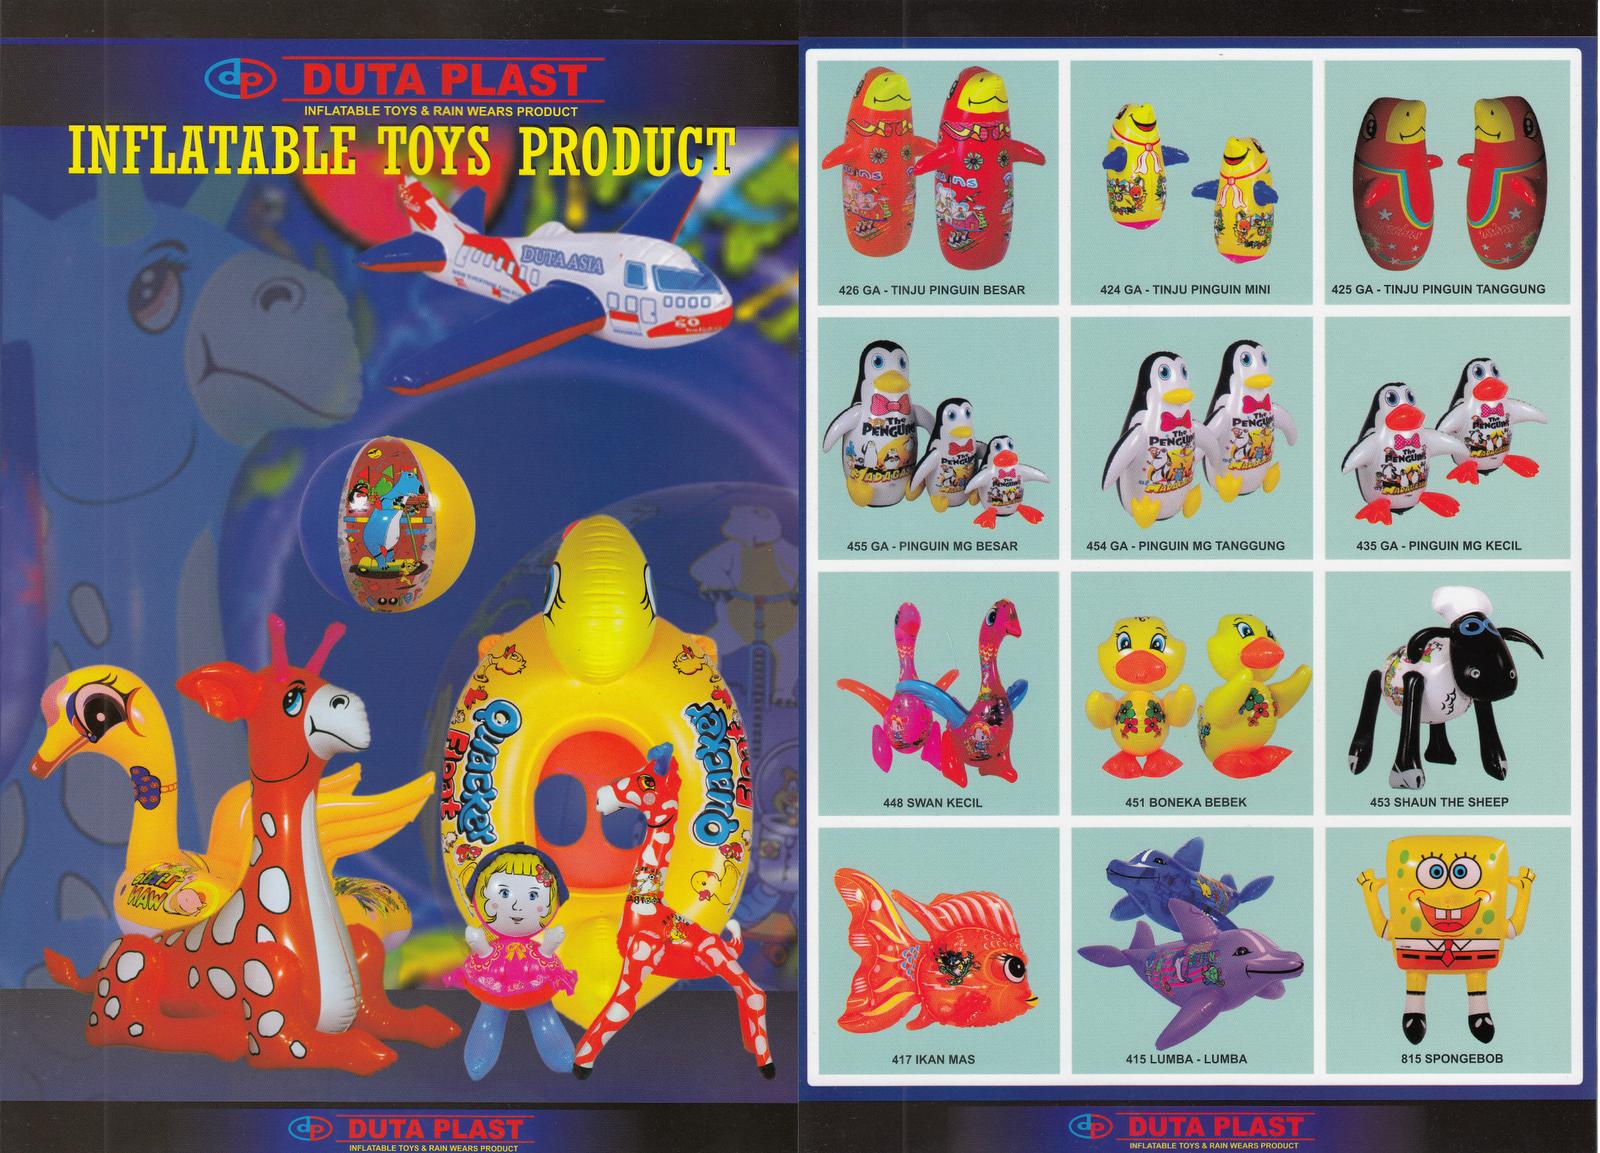 Harga Mainan Tiup Duta Plast Anugerah Utama Balon Motif Ultraman